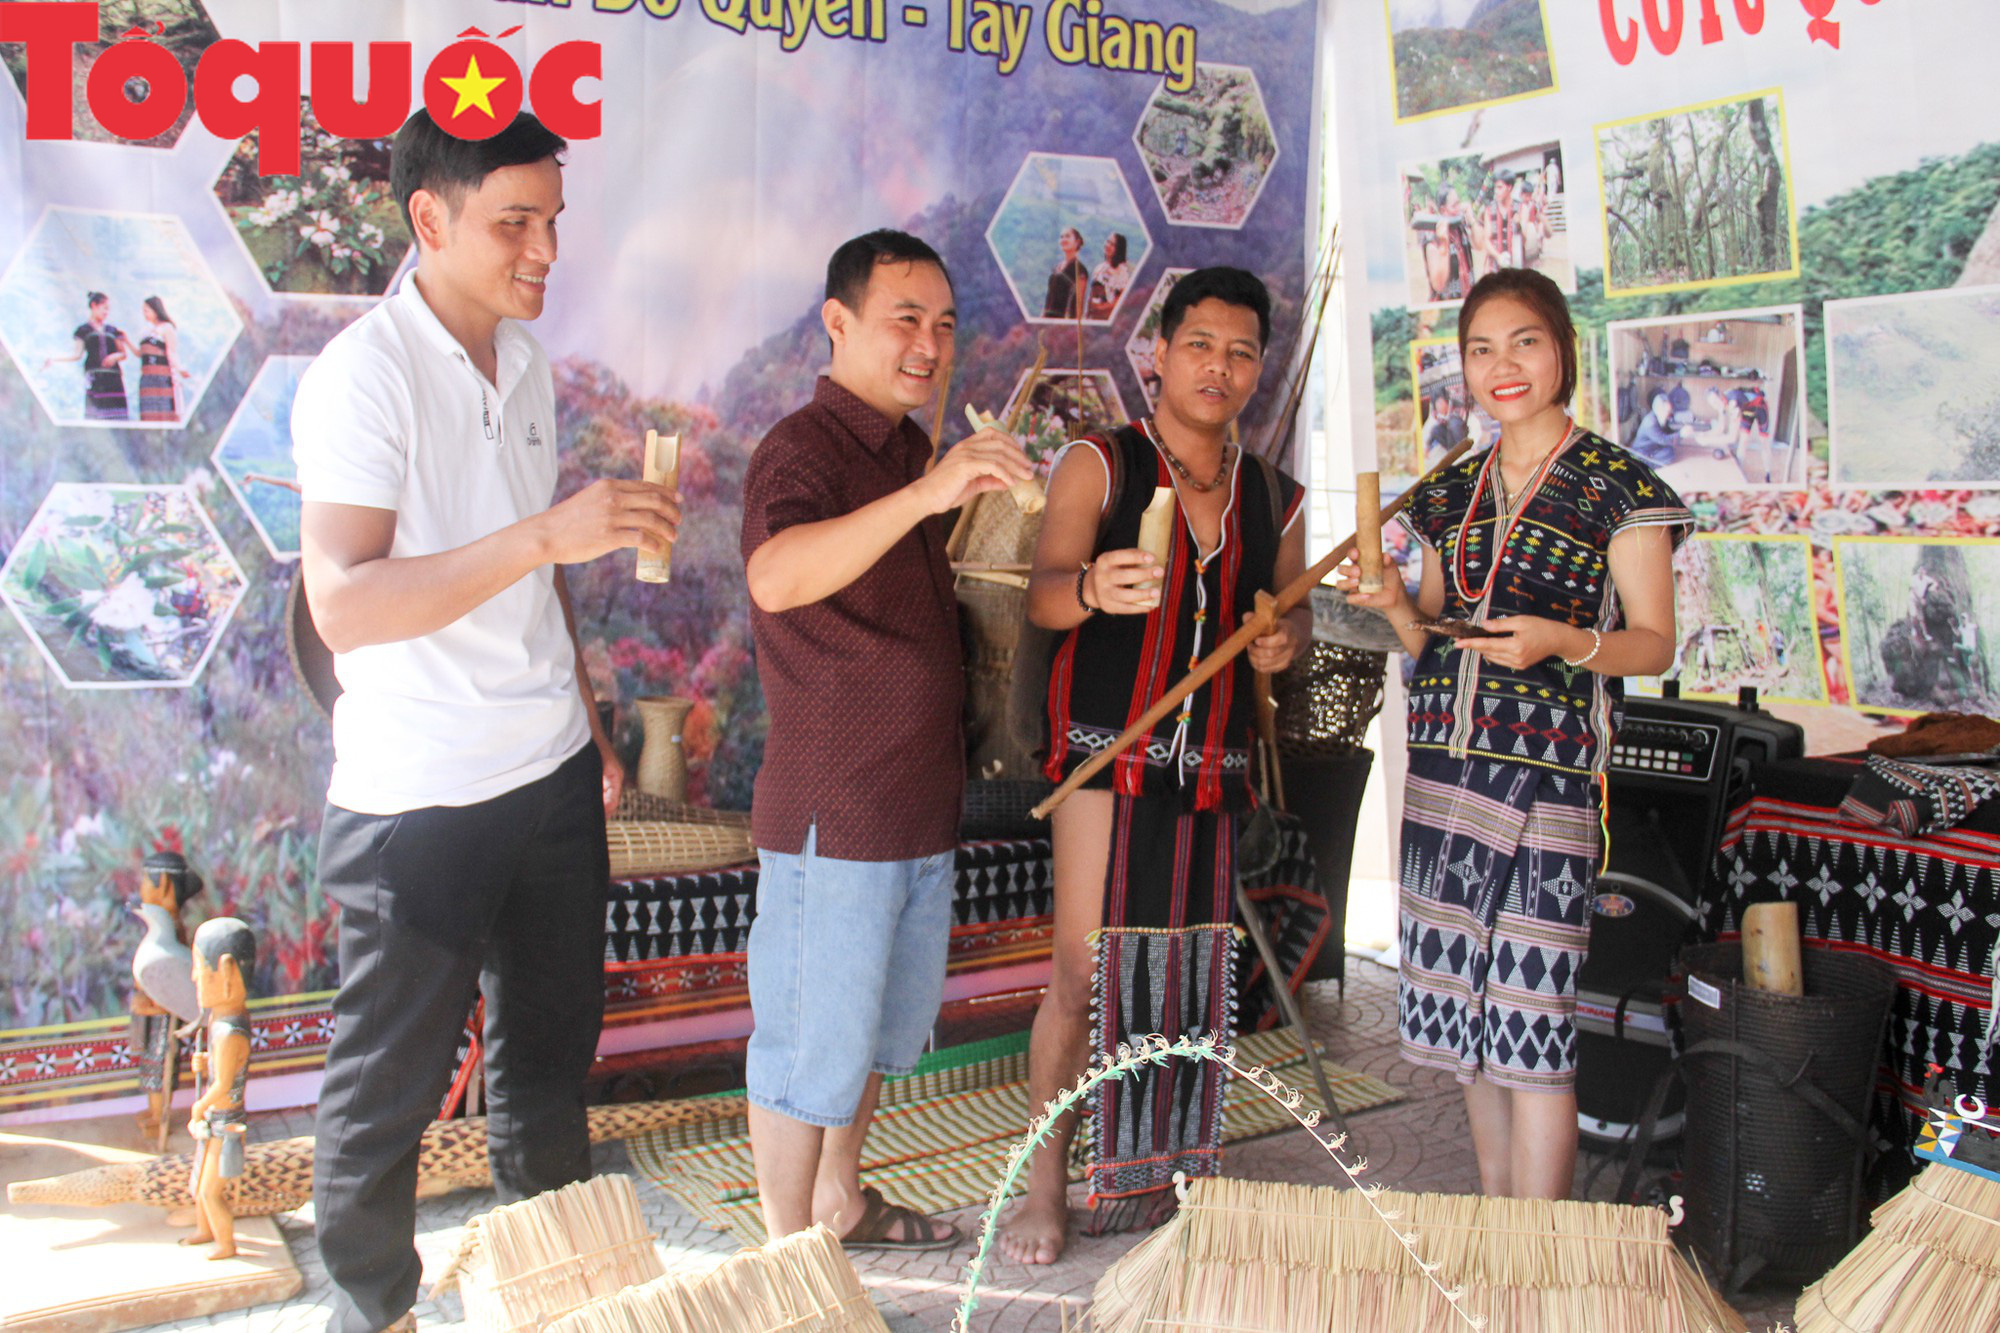 Tinh hoa văn hóa các dân tộc biên giới Việt Nam - Lào hội tụ về trên vùng cao A Lưới - Ảnh 4.